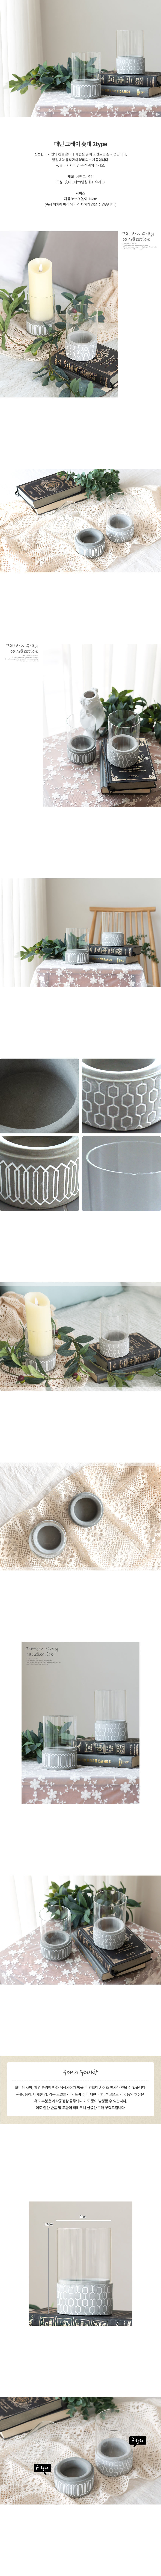 DS-S182패턴 그레이 촛대 캔들 홀더 2type 카페 소품 - 리빙톡톡, 21,000원, 캔들, 캔들홀더/소품